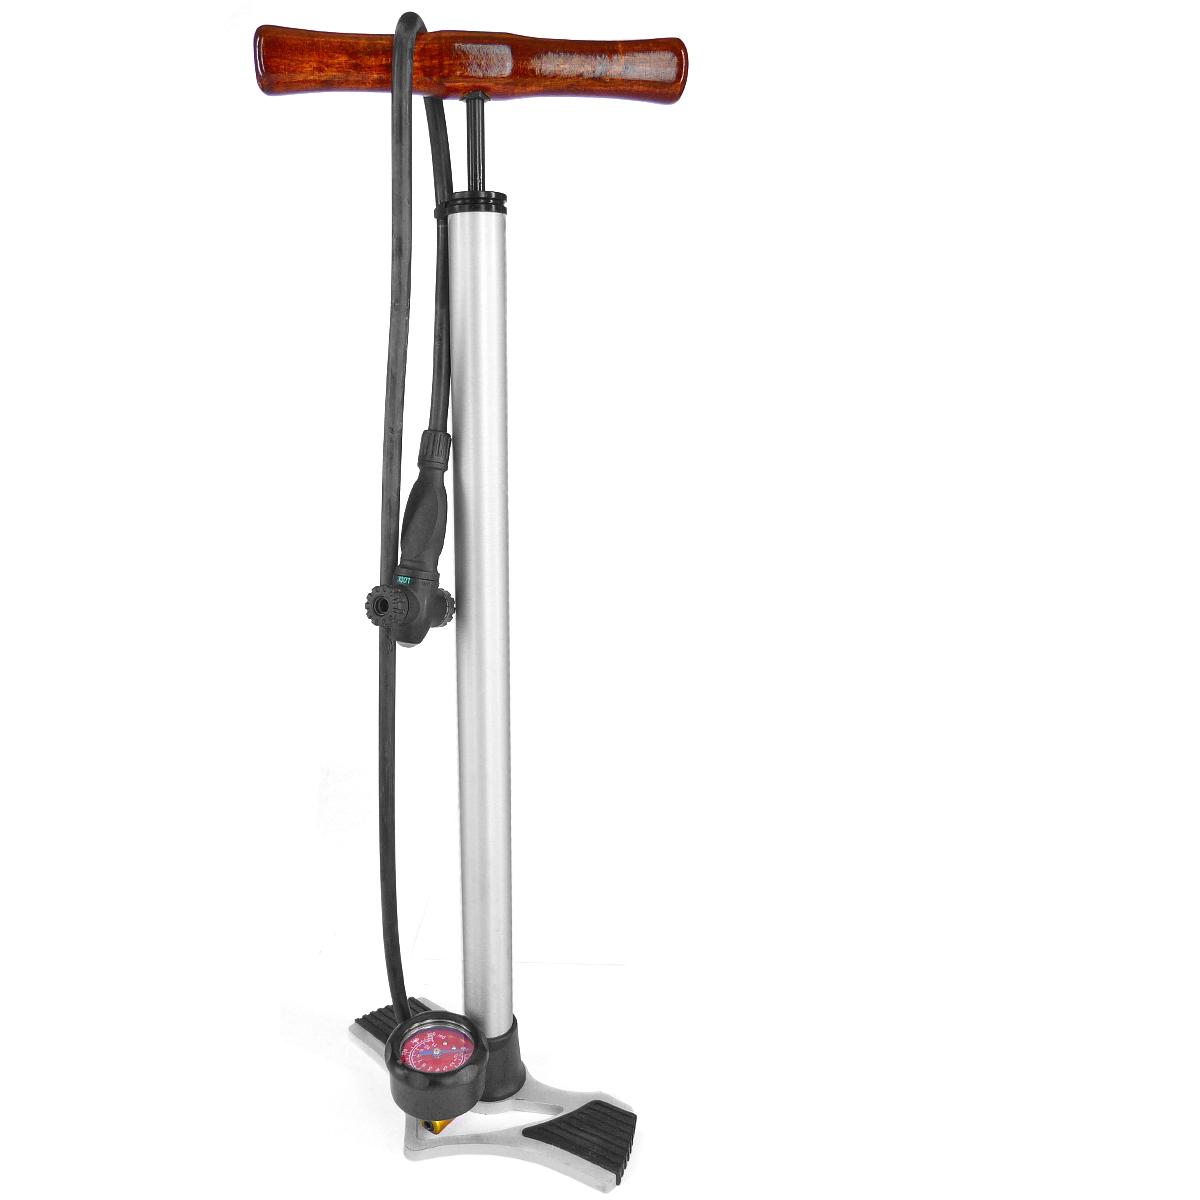 Pompe à pied Giyo manomètre corps et base alu (poignée bois)